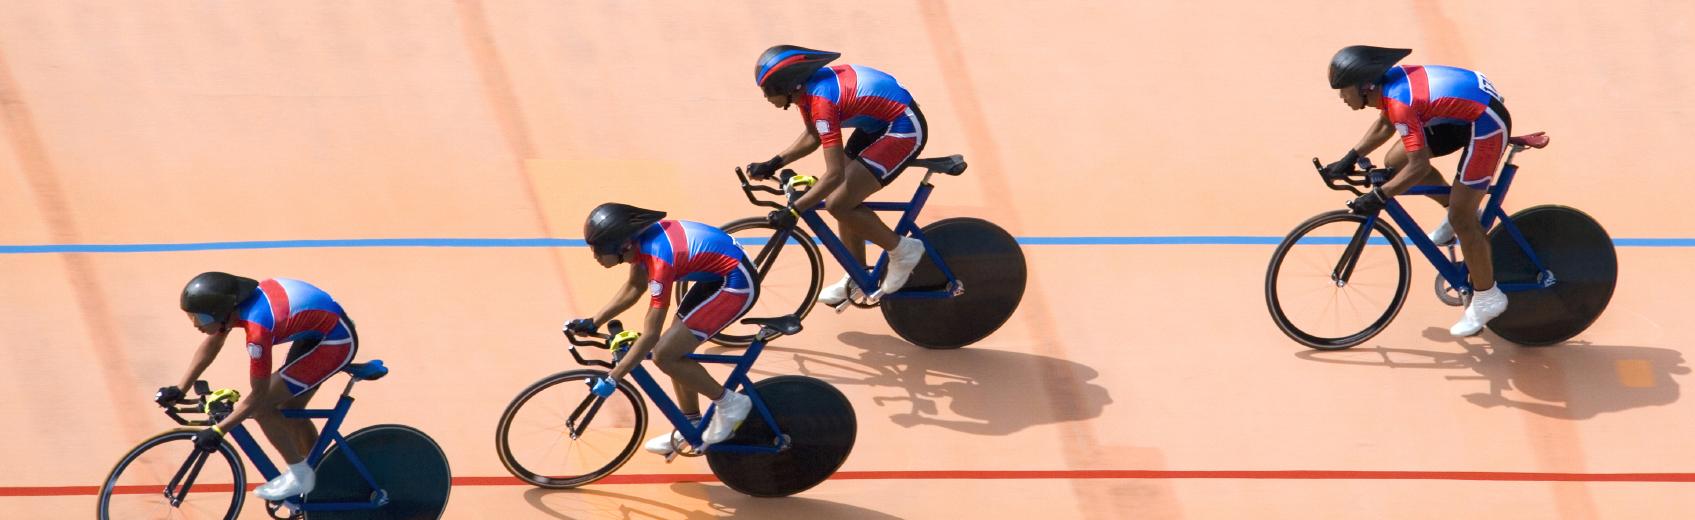 Le cyclisme sur piste est un sport olympique peu médiatisé et pourtant très technique et spectaculaire.  L'université de Genève vous propose de vivre une expérience unique en apprenant à rouler sur un plan incliné avec un vélo sans vitesses et sans frein.  Cette activité développe essentiellement l'endurance, la vitesse, la force, l'équilibre et vous procurera une bonne dose d'adrénaline !